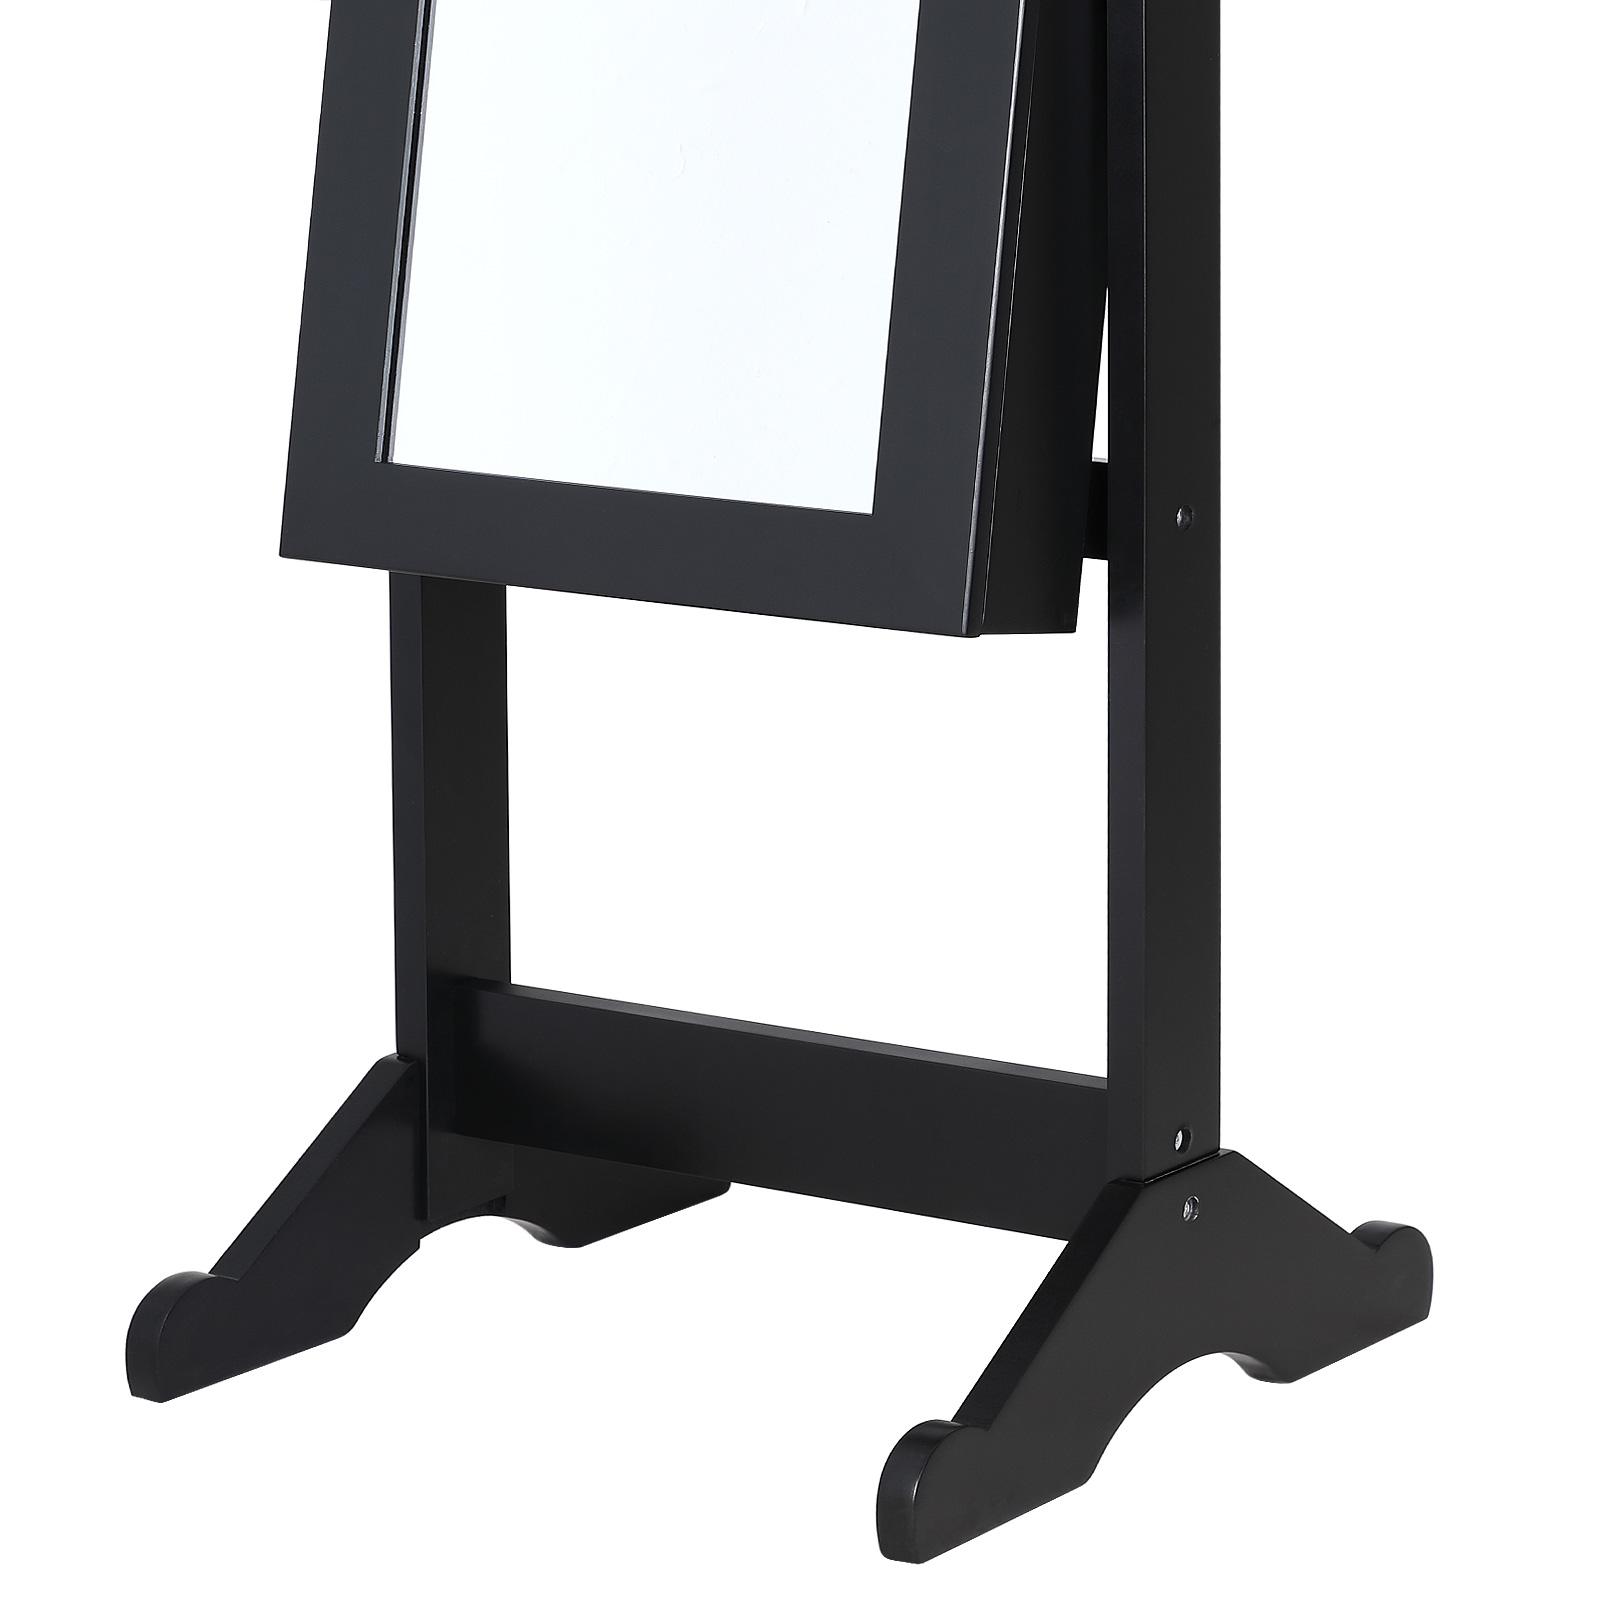 Armoire à bijoux avec miroir moderne noire - Pivotable - Rangement accessoires | eBay